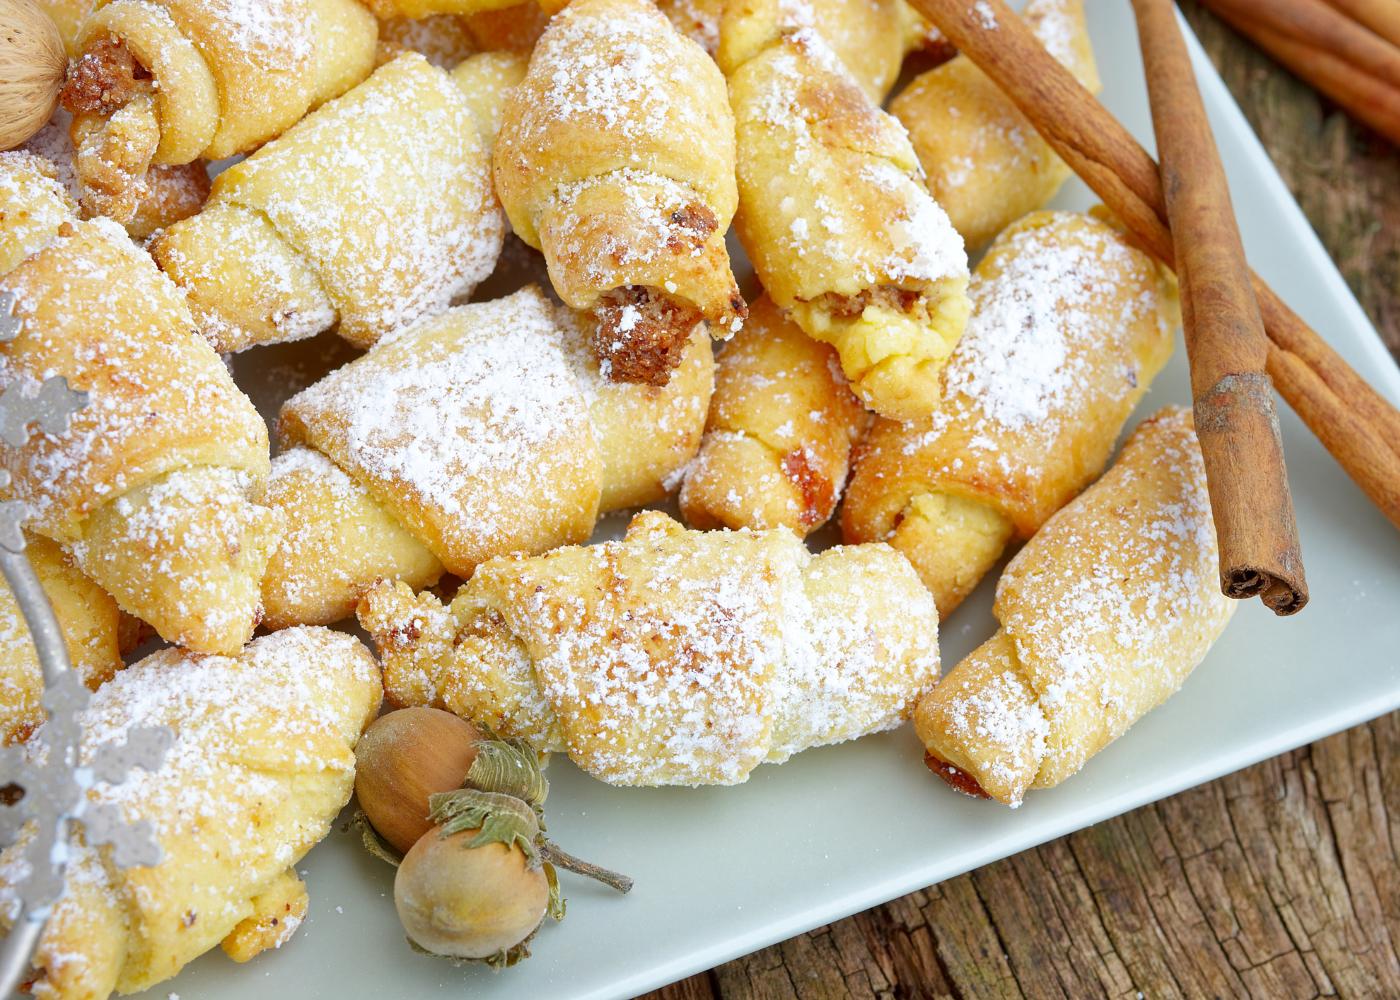 croissantes de maçã e canela com açúcar em pó